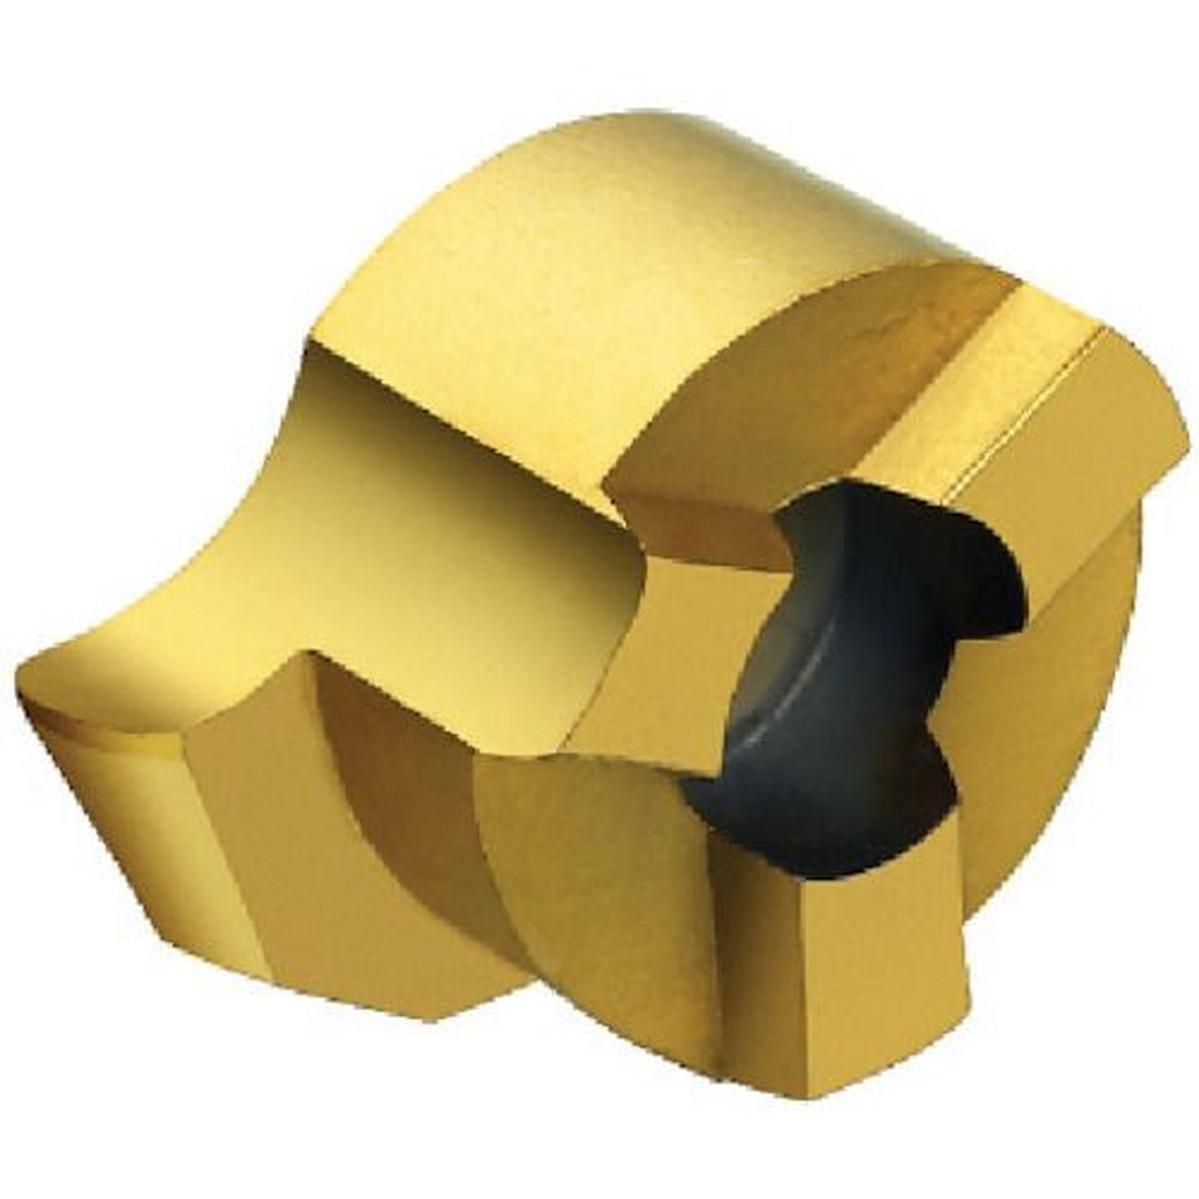 あす楽対応 新作 DIY用品 サンドビック コロカットMB 大幅にプライスダウン 1025 小型旋盤用フルRチップ 5個